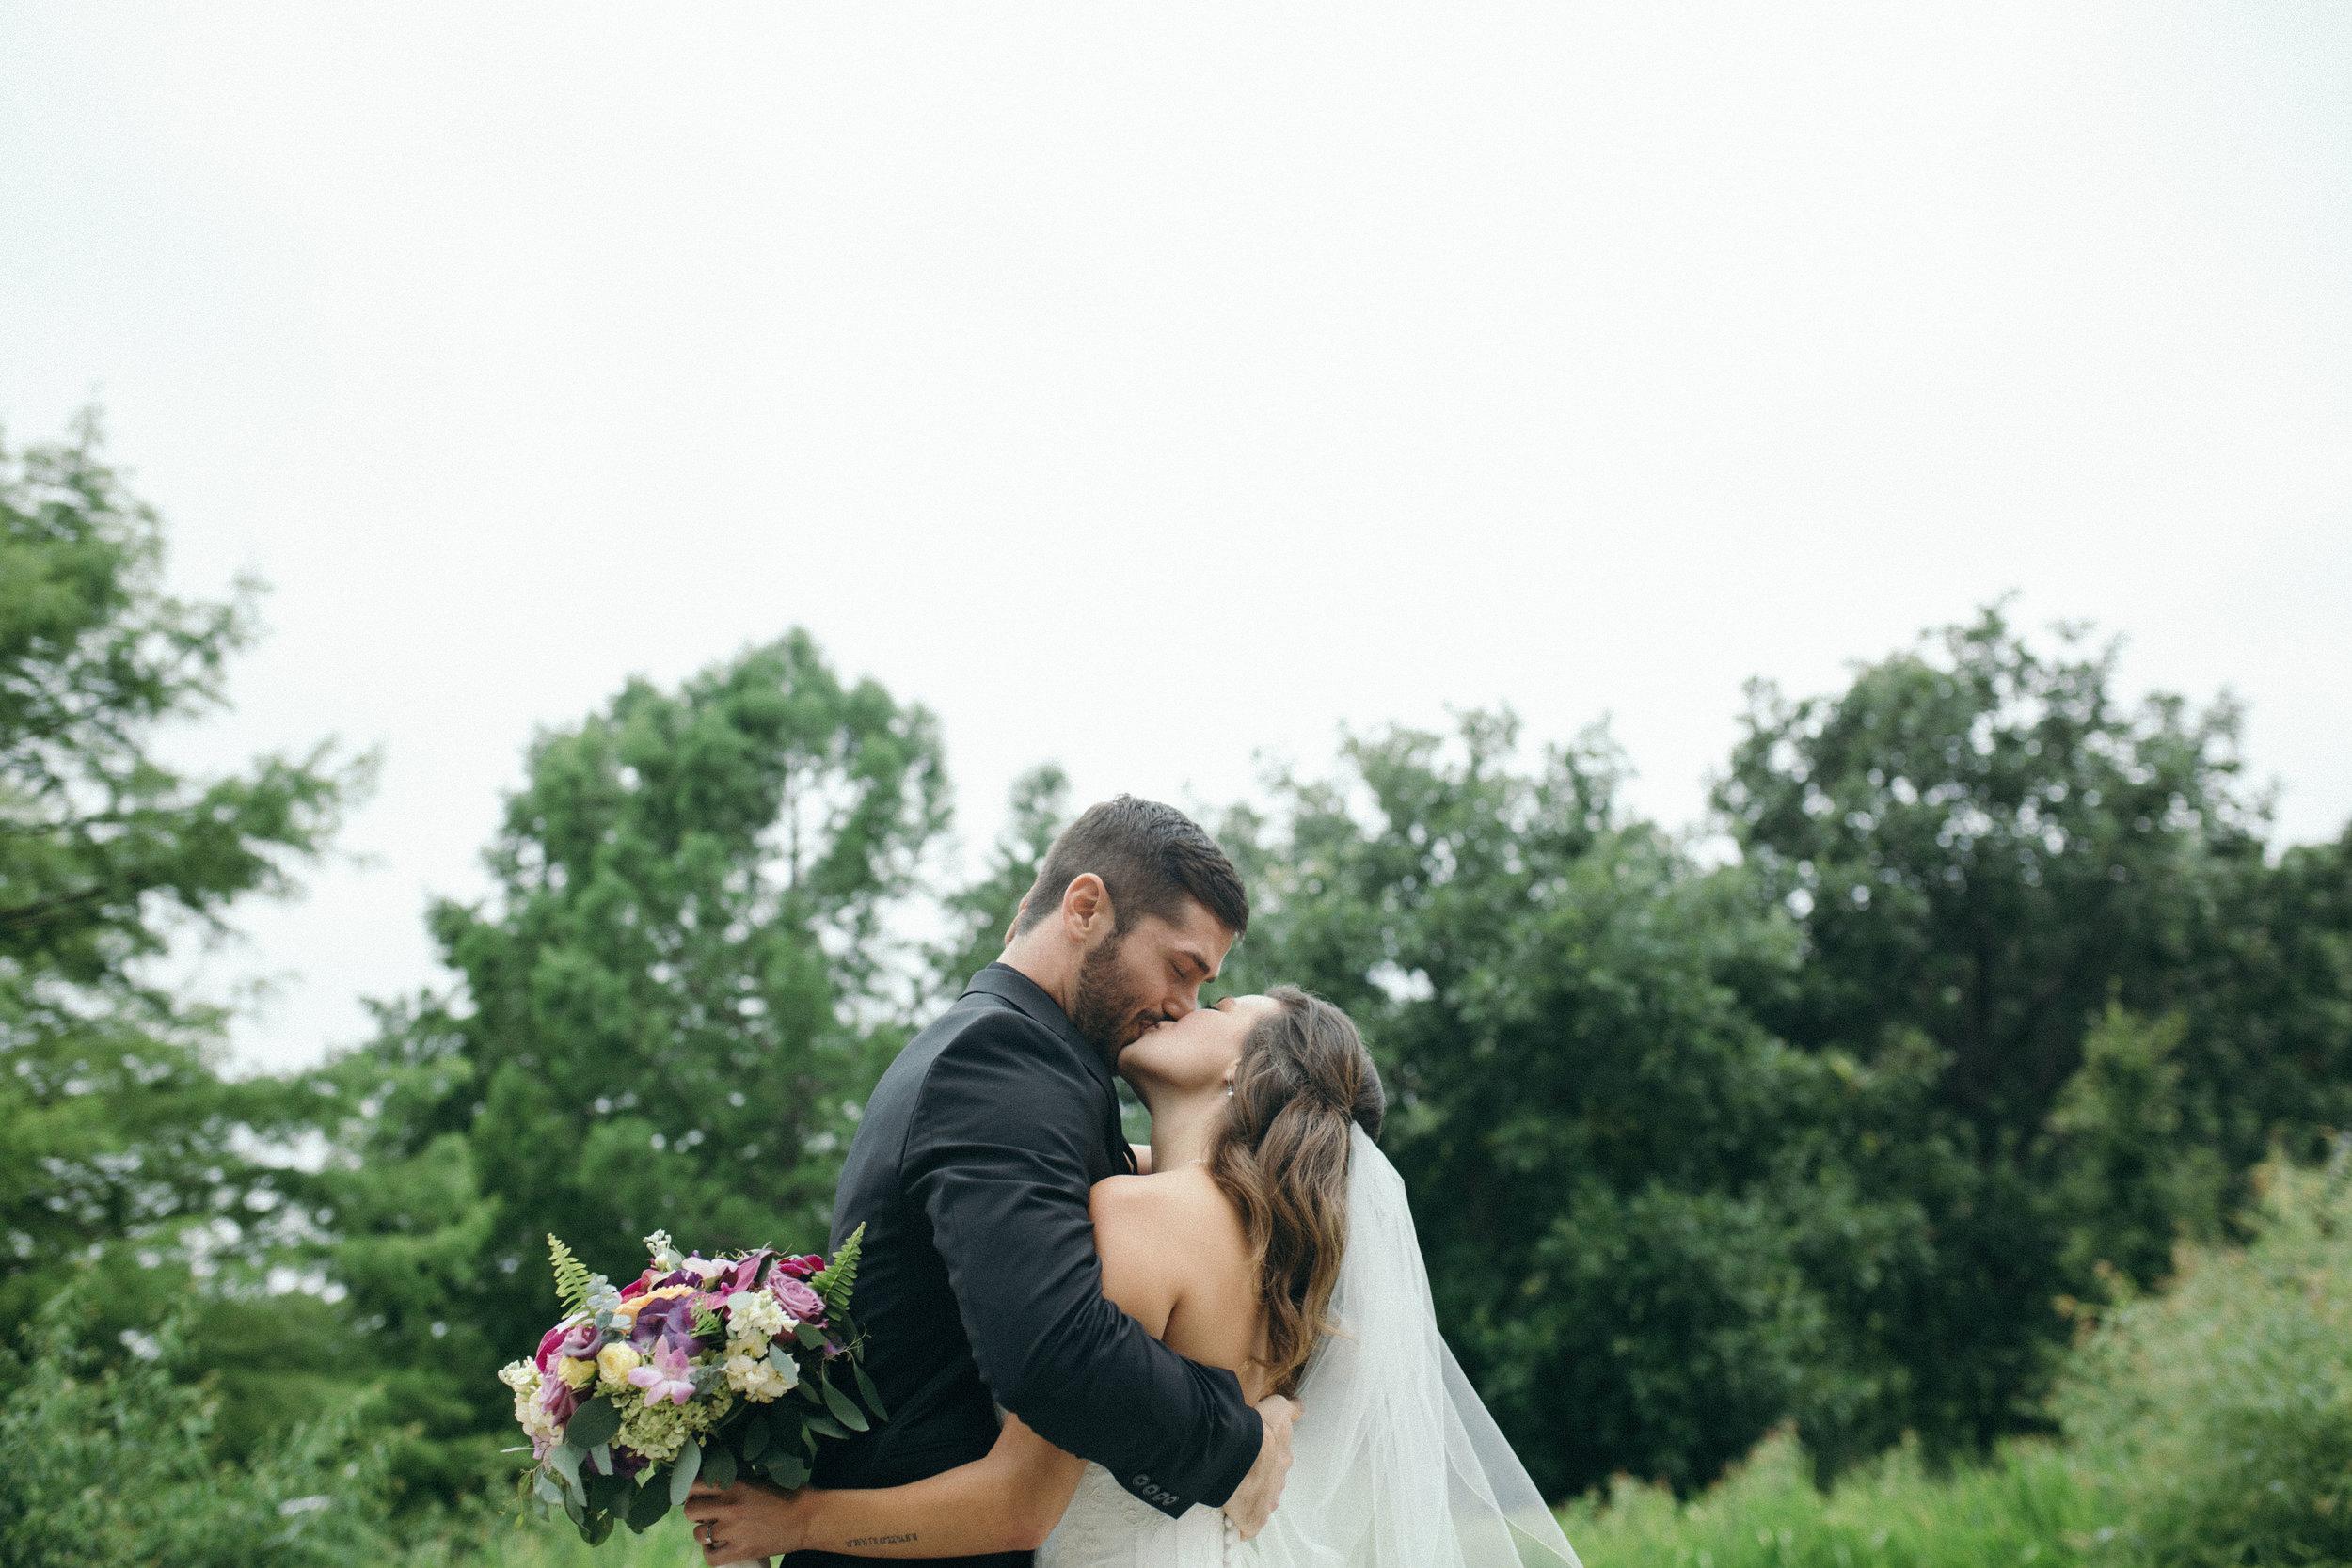 breann-andrew-wedding-blog-84.jpg